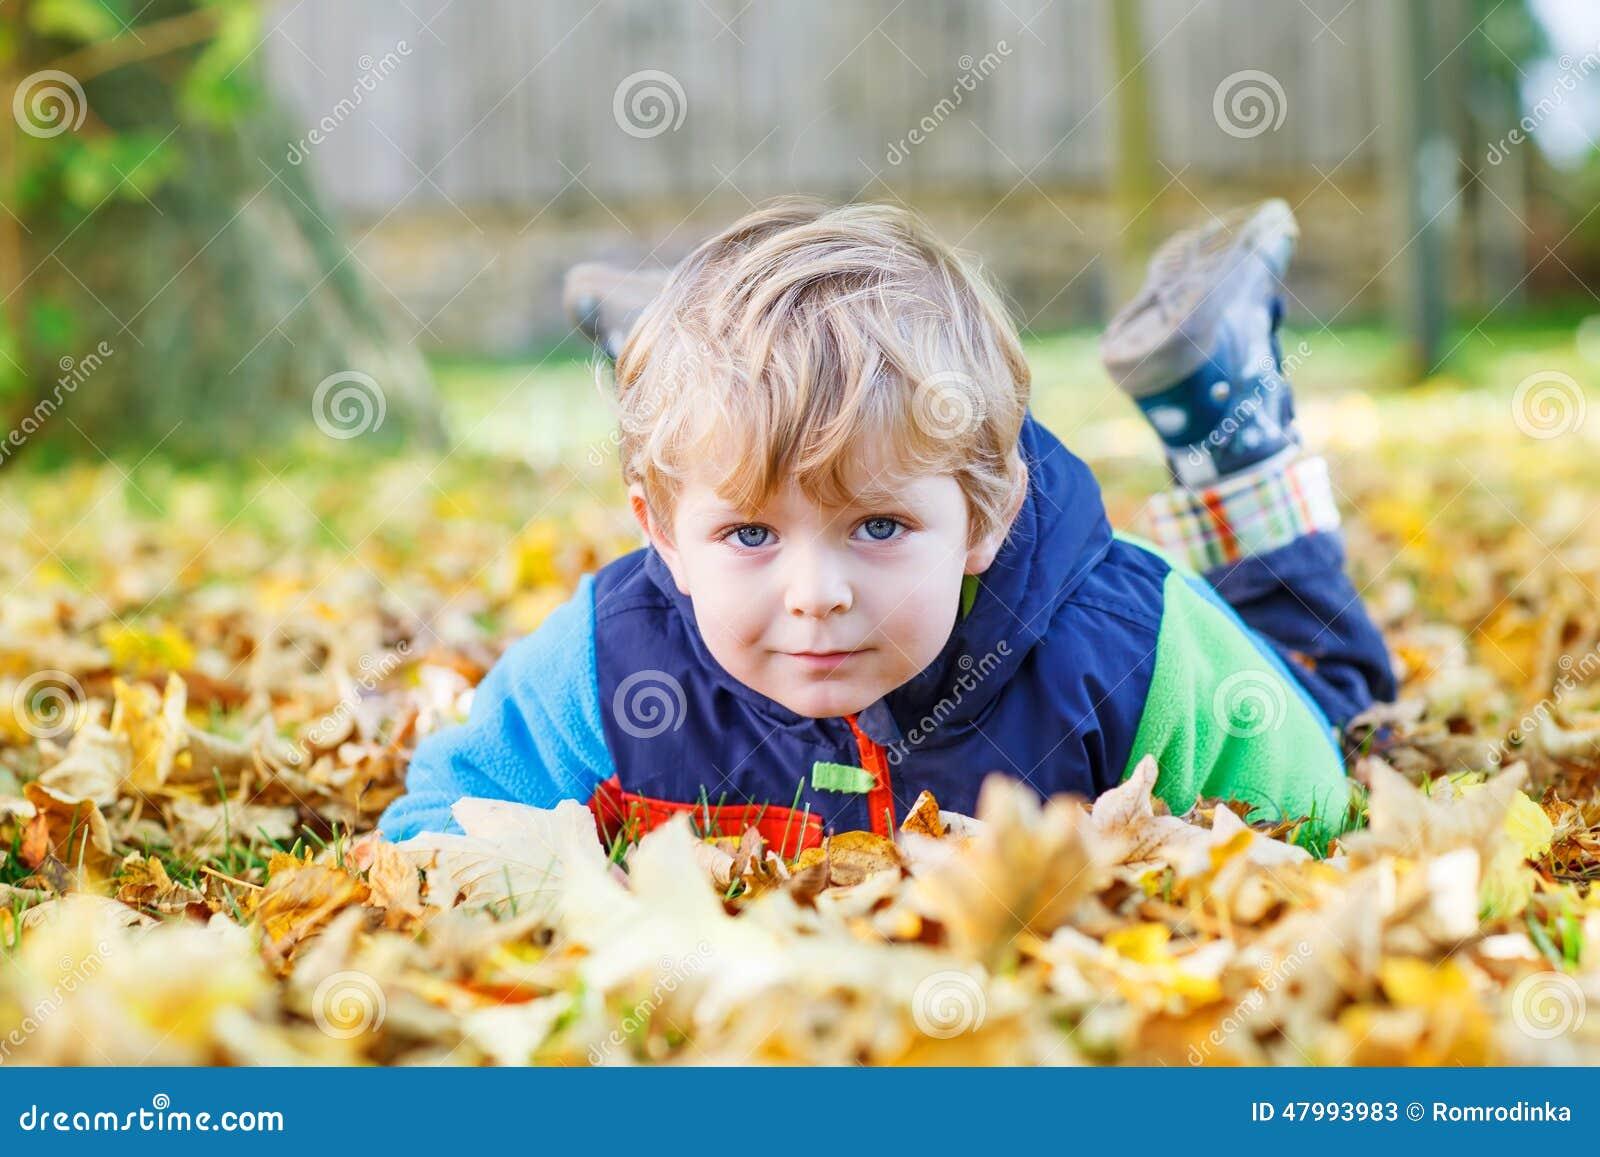 Χαριτωμένο αγόρι παιδιών που έχει τη διασκέδαση στο πάρκο φθινοπώρου